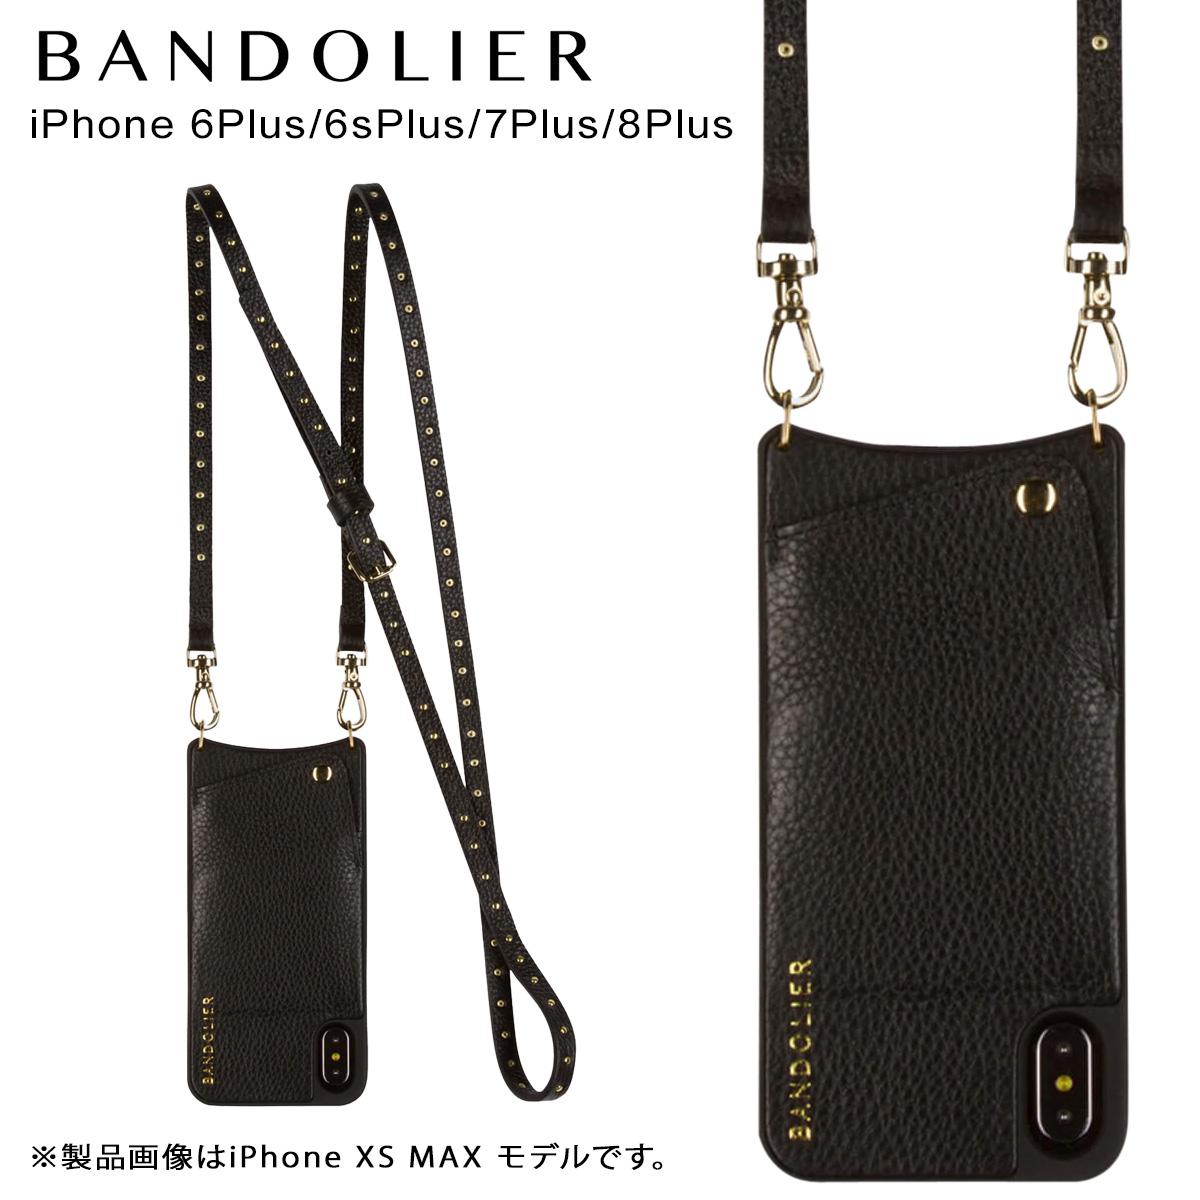 バンドリヤー BANDOLIER iPhone8Plus iPhone7Plus 6sPlus ケース ショルダー スマホ アイフォン レザー NICOLE GOLD メンズ レディース ブラック 黒 10NIC1001 [3/19 再入荷]